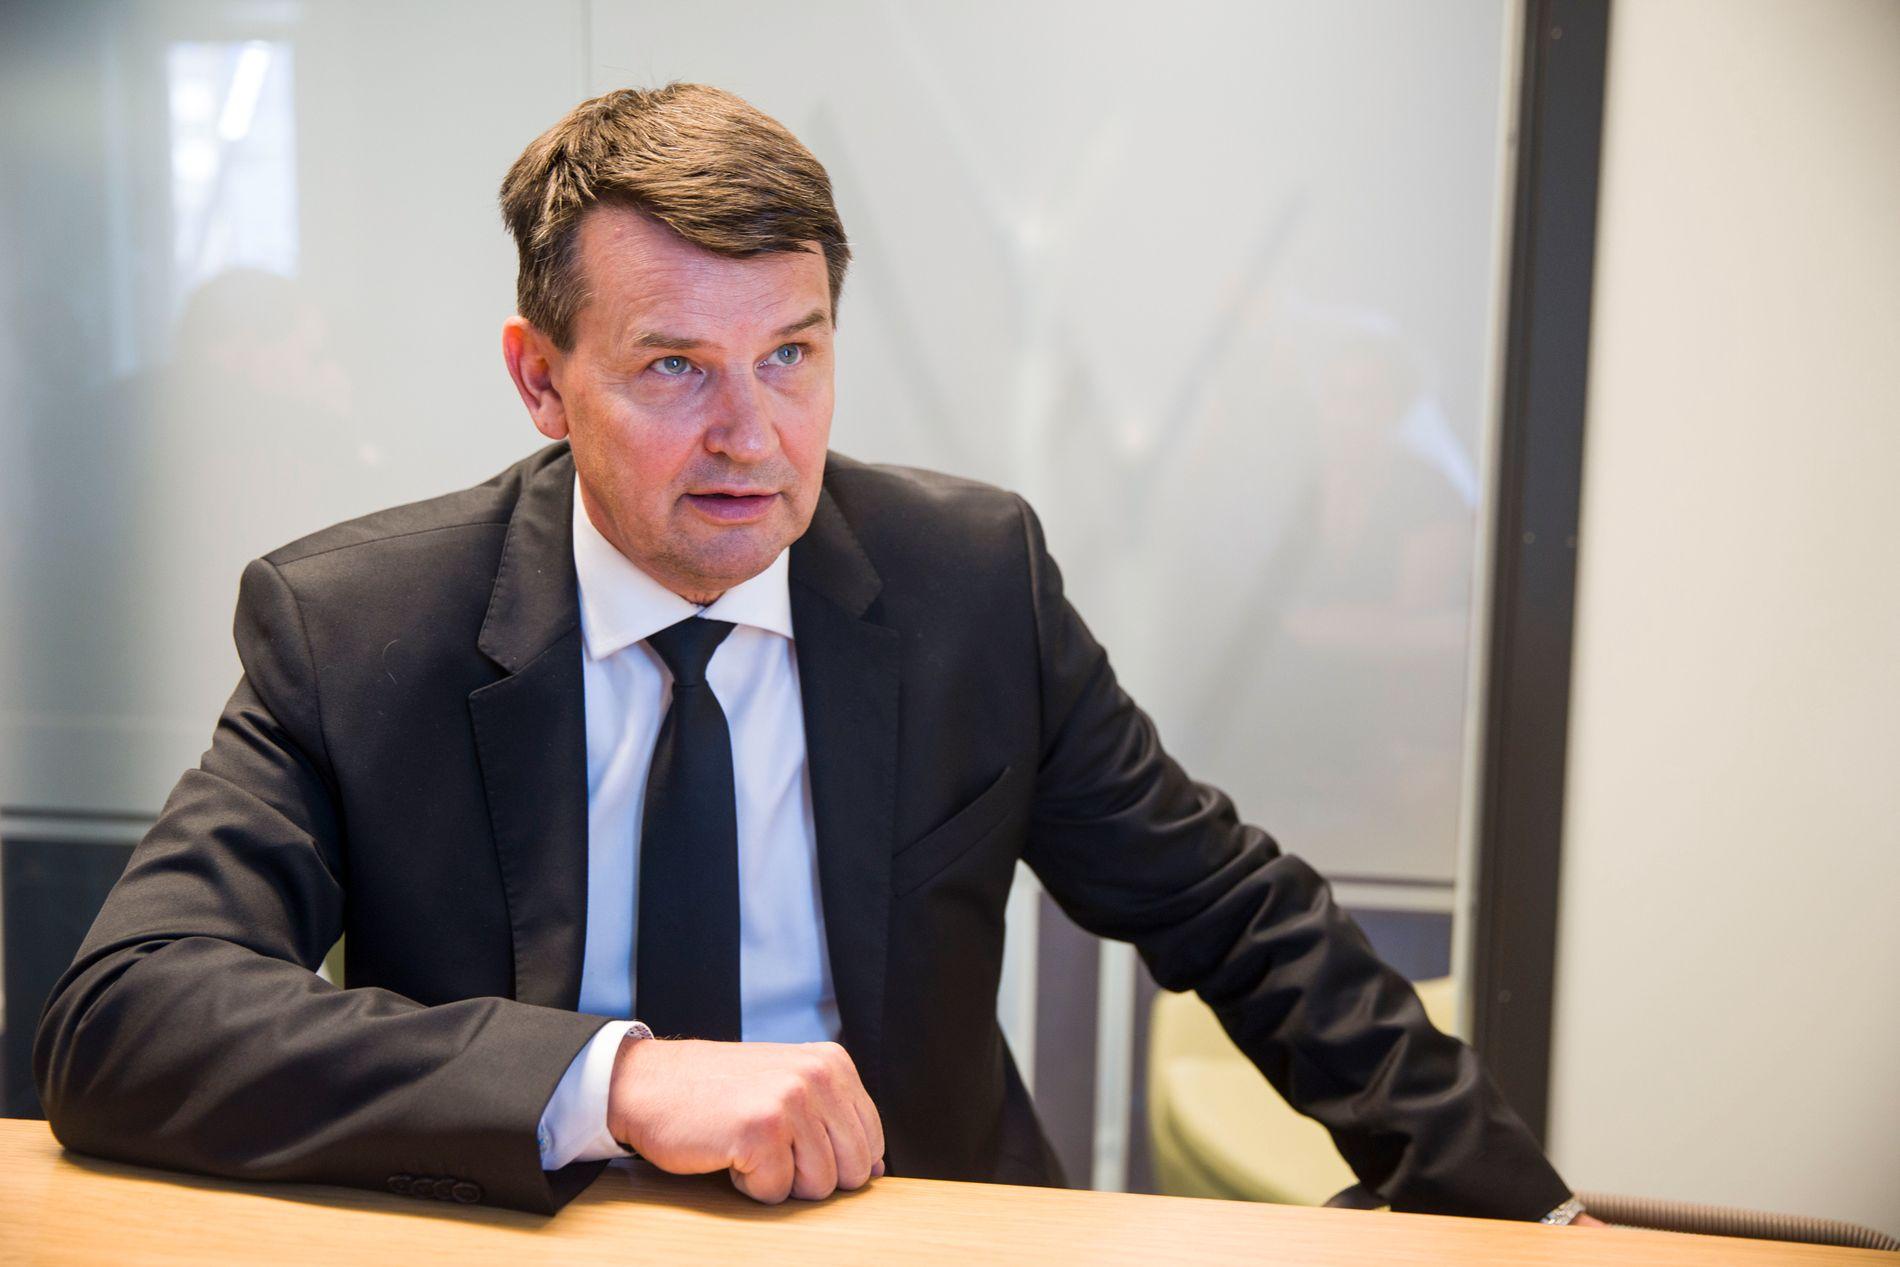 ENDRET SITUASJON: Justisminister Tor Mikkel Wara (Frp) vil at UDI og UNE skal se på om hundrevis av etiopiske flyktninger kan returneres til hjemlandet.